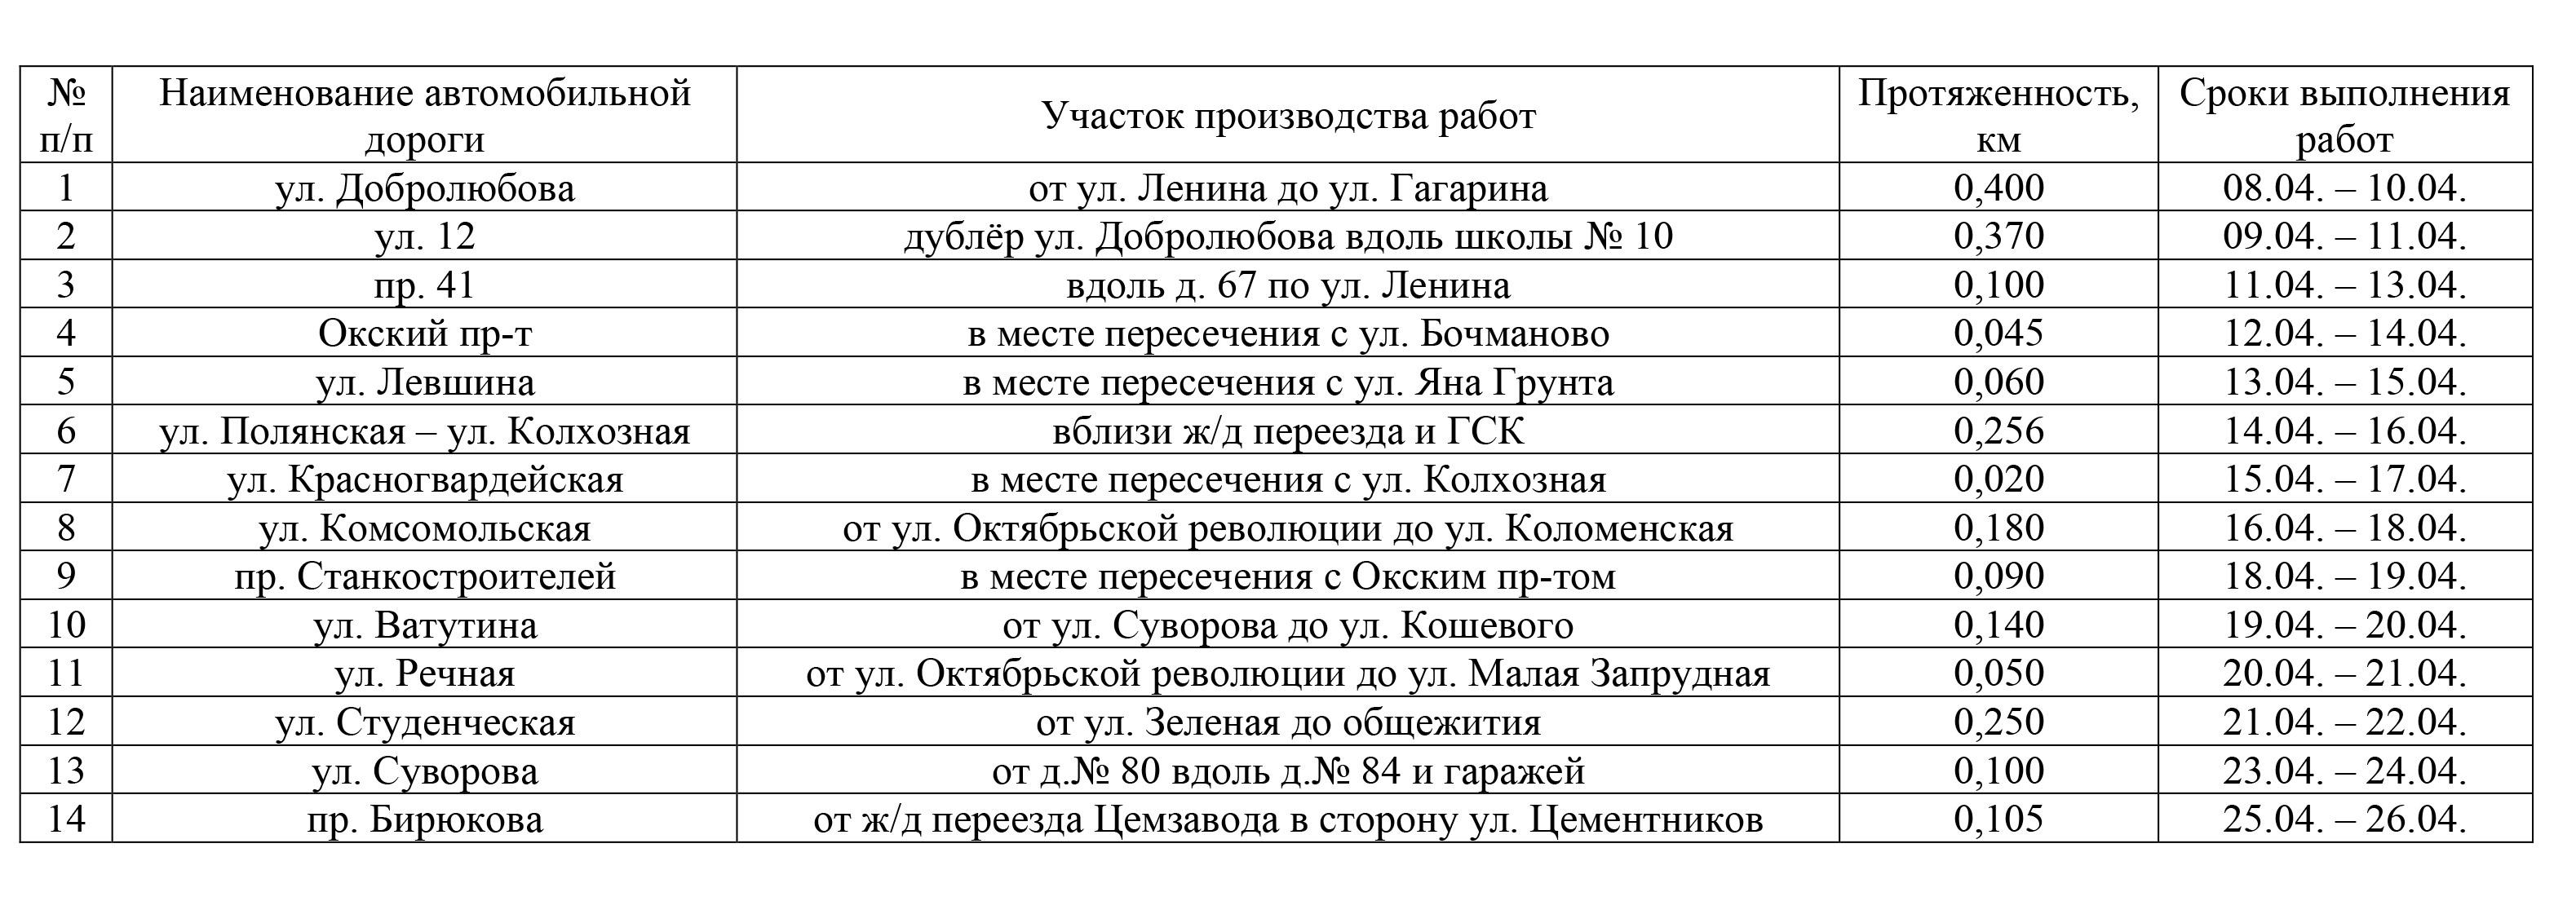 Новости Коломны   Какие дороги отремонтируют в апреле Фото (Коломна)   iz zhizni kolomnyi